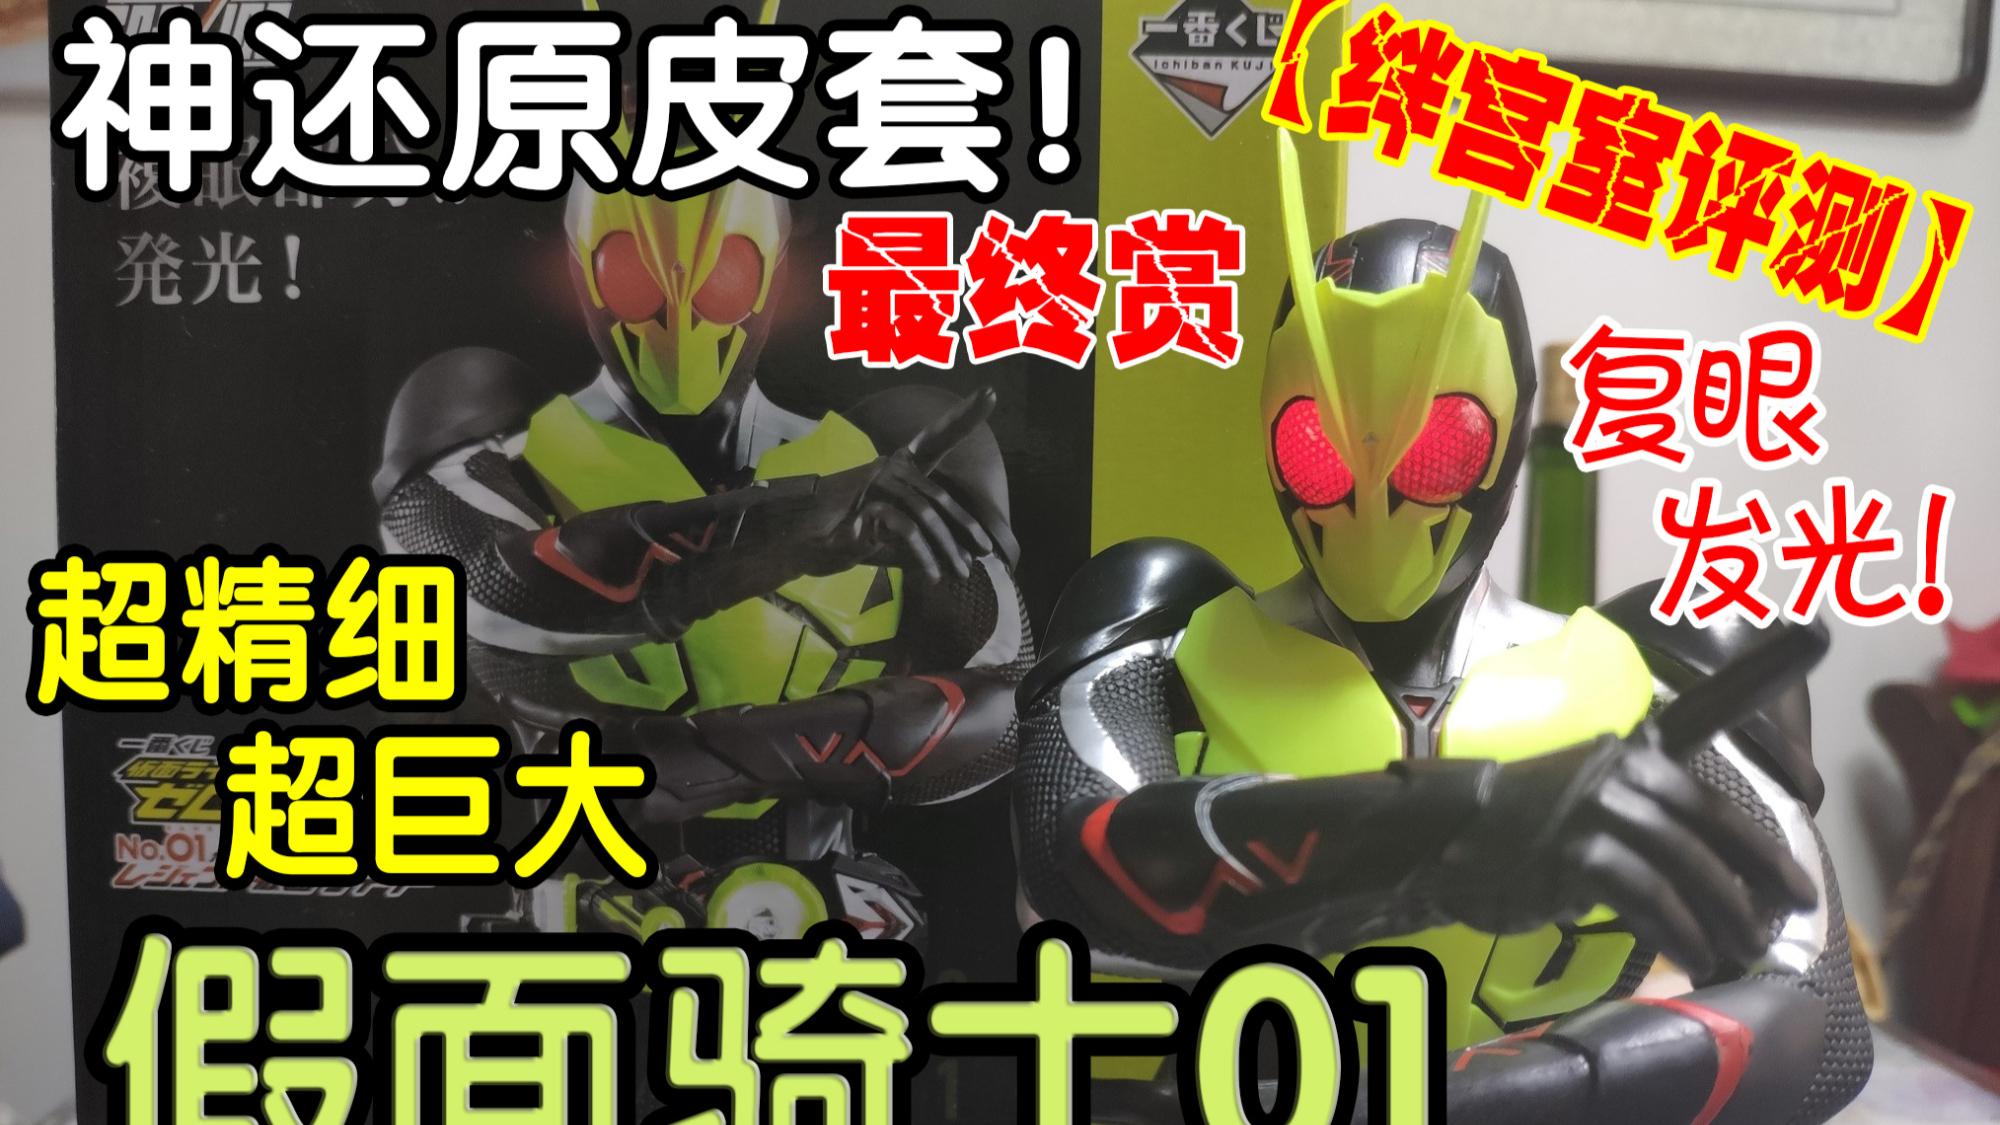 【绊宫室评测】最终赏!假面骑士01超精细还原皮套的一番赏!(万代/假面骑士/ZERO ONE/零一)